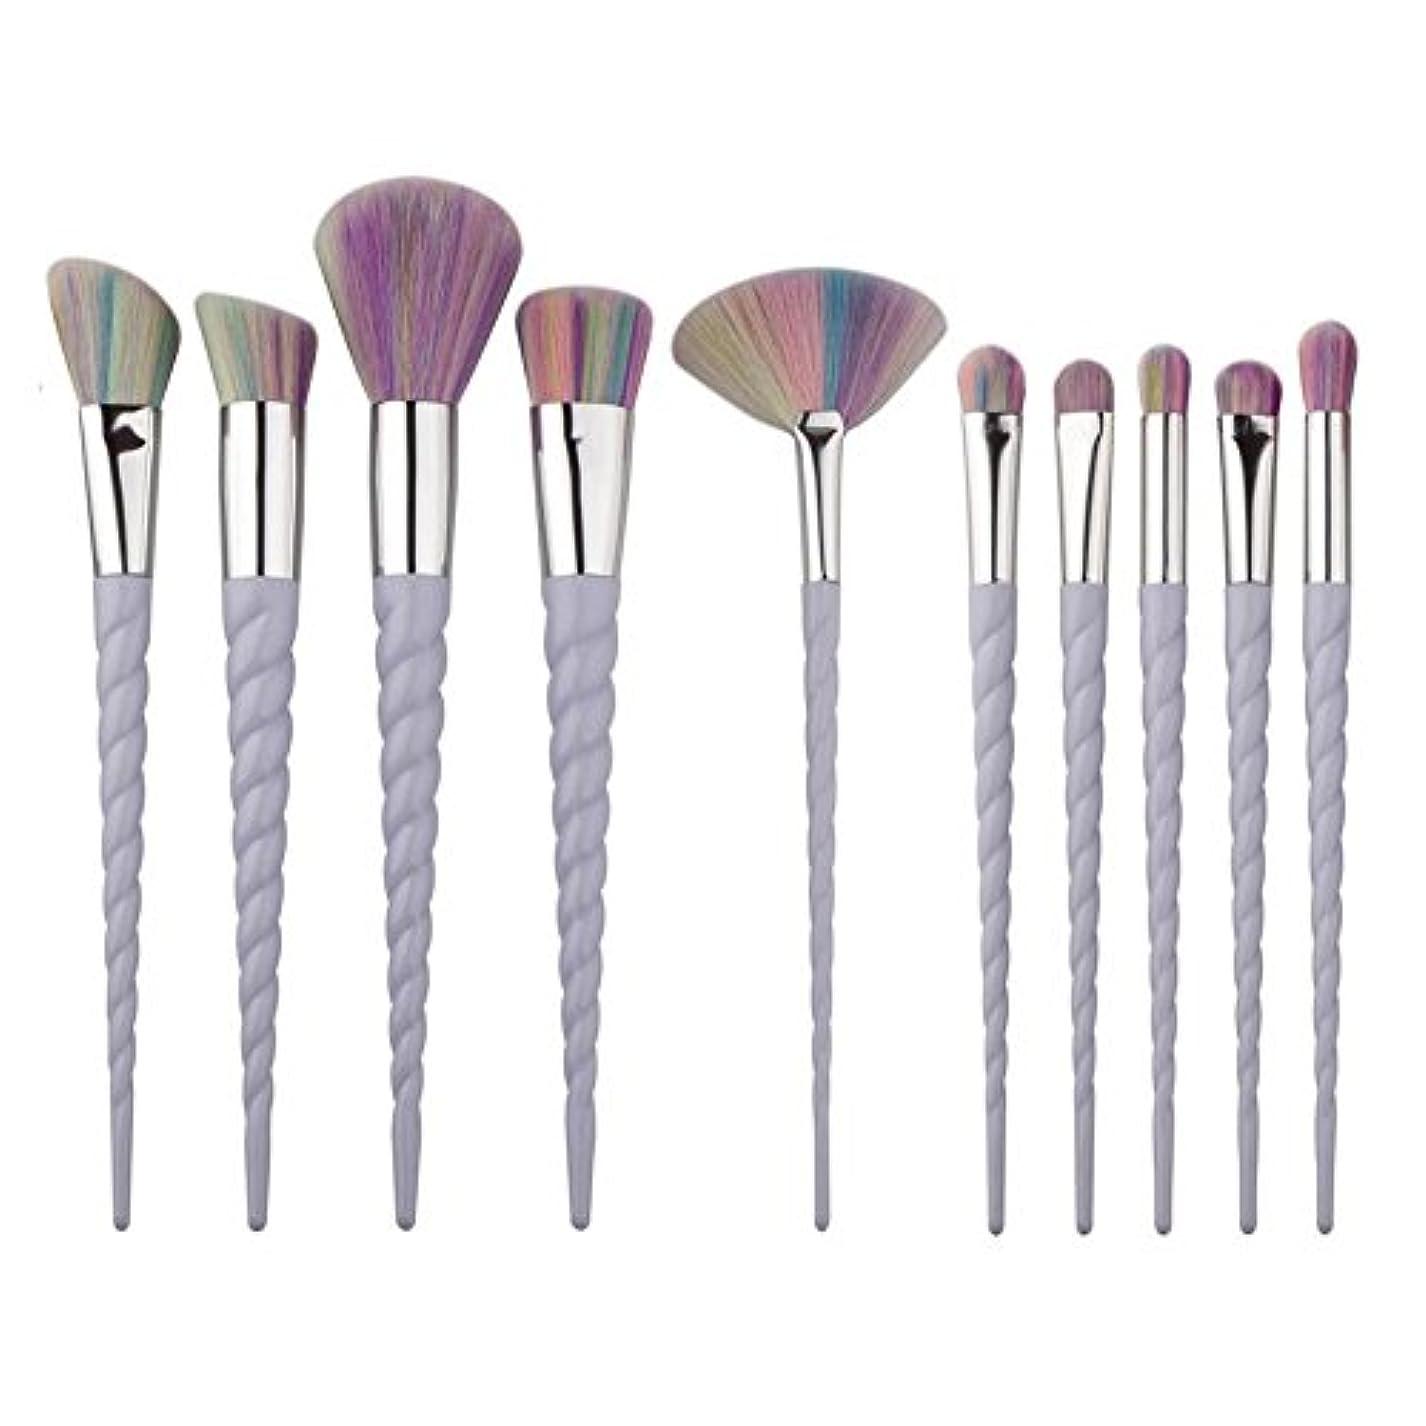 市の花奇跡ディプロマDilla Beauty 10本セットユニコーンデザインプラスチックハンドル形状メイクブラシセット合成毛ファンデーションブラシアイシャドーブラッシャー美容ツール (ホワイト-1)